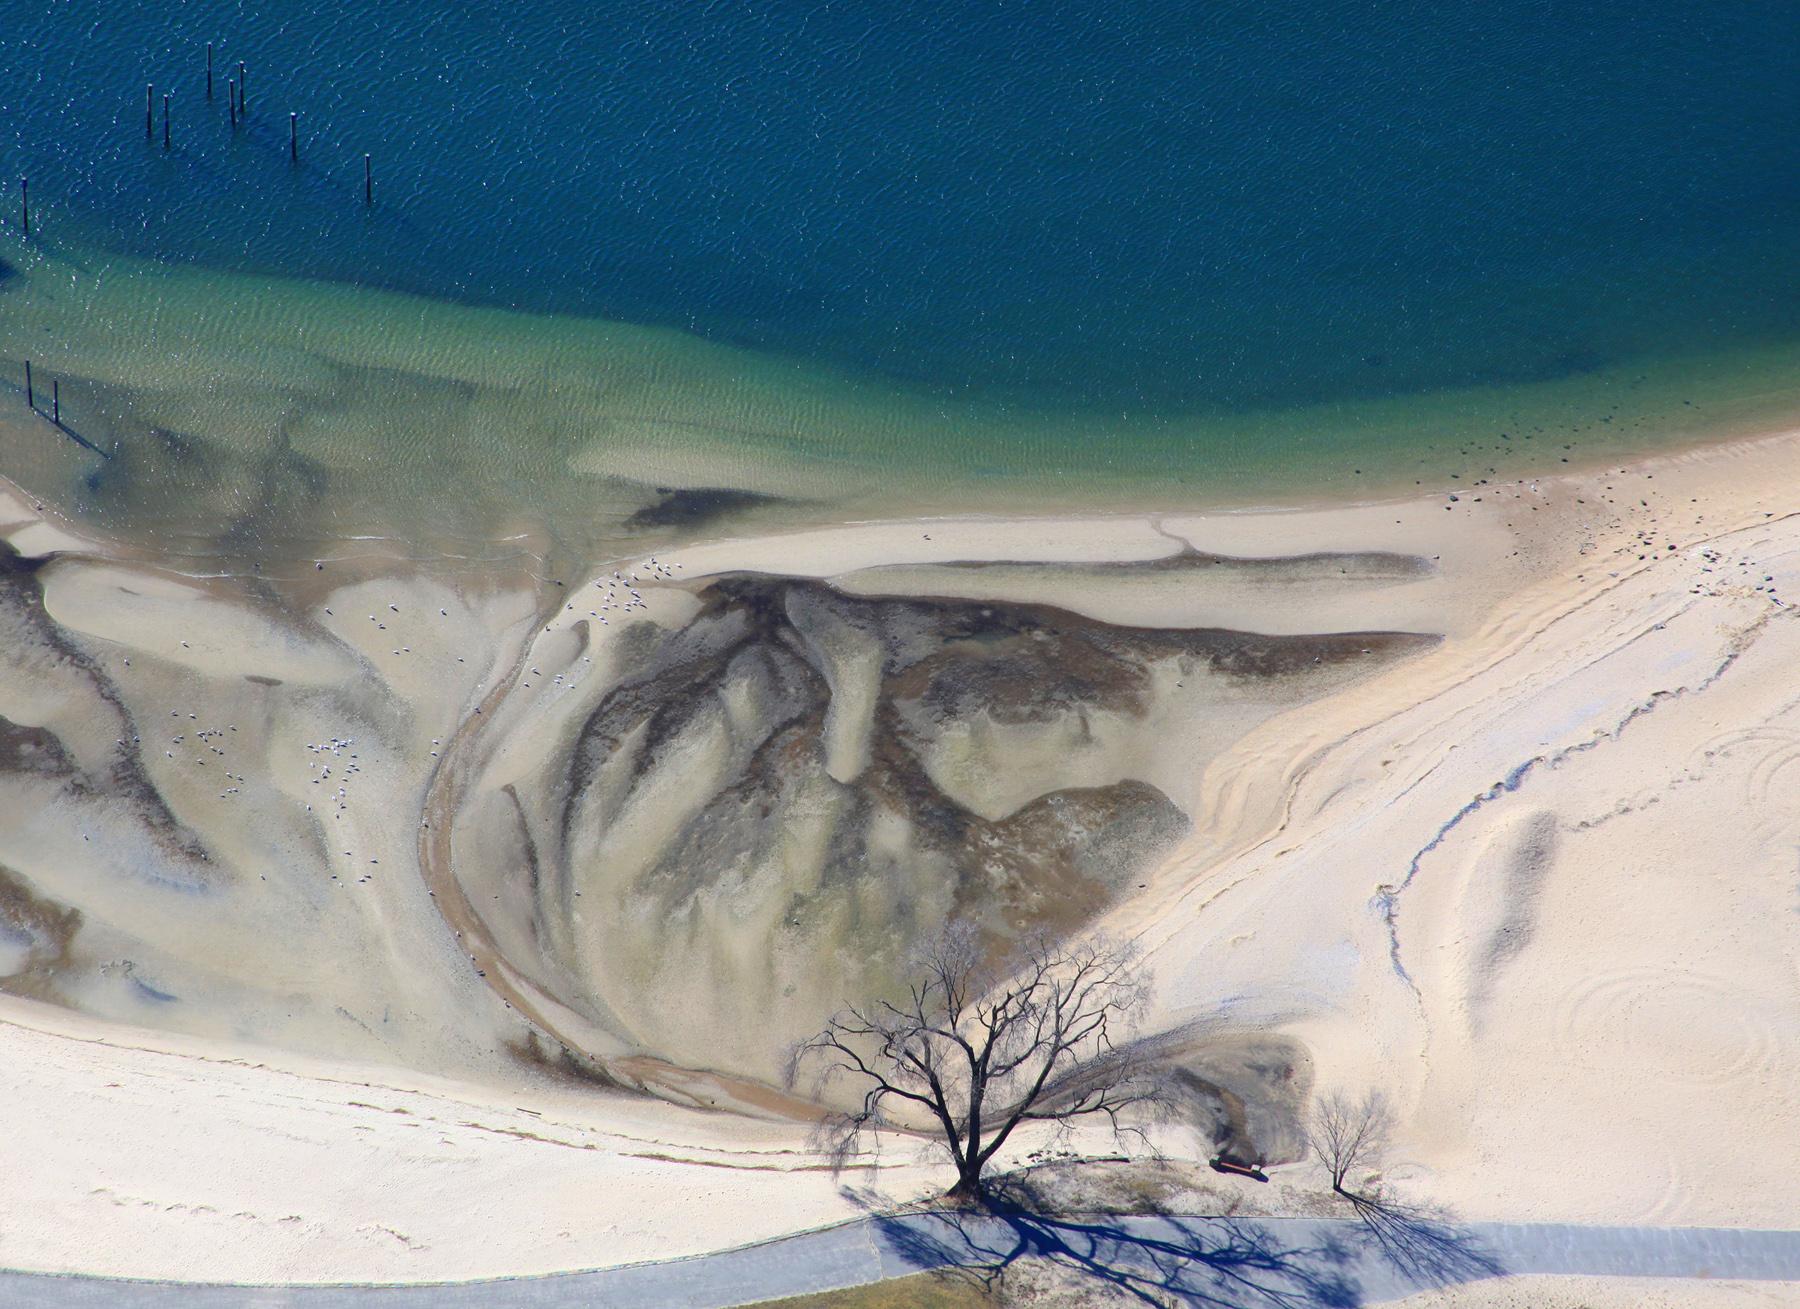 Alex_Ferrone_Aerial Observations_OnTheShore_01.jpg